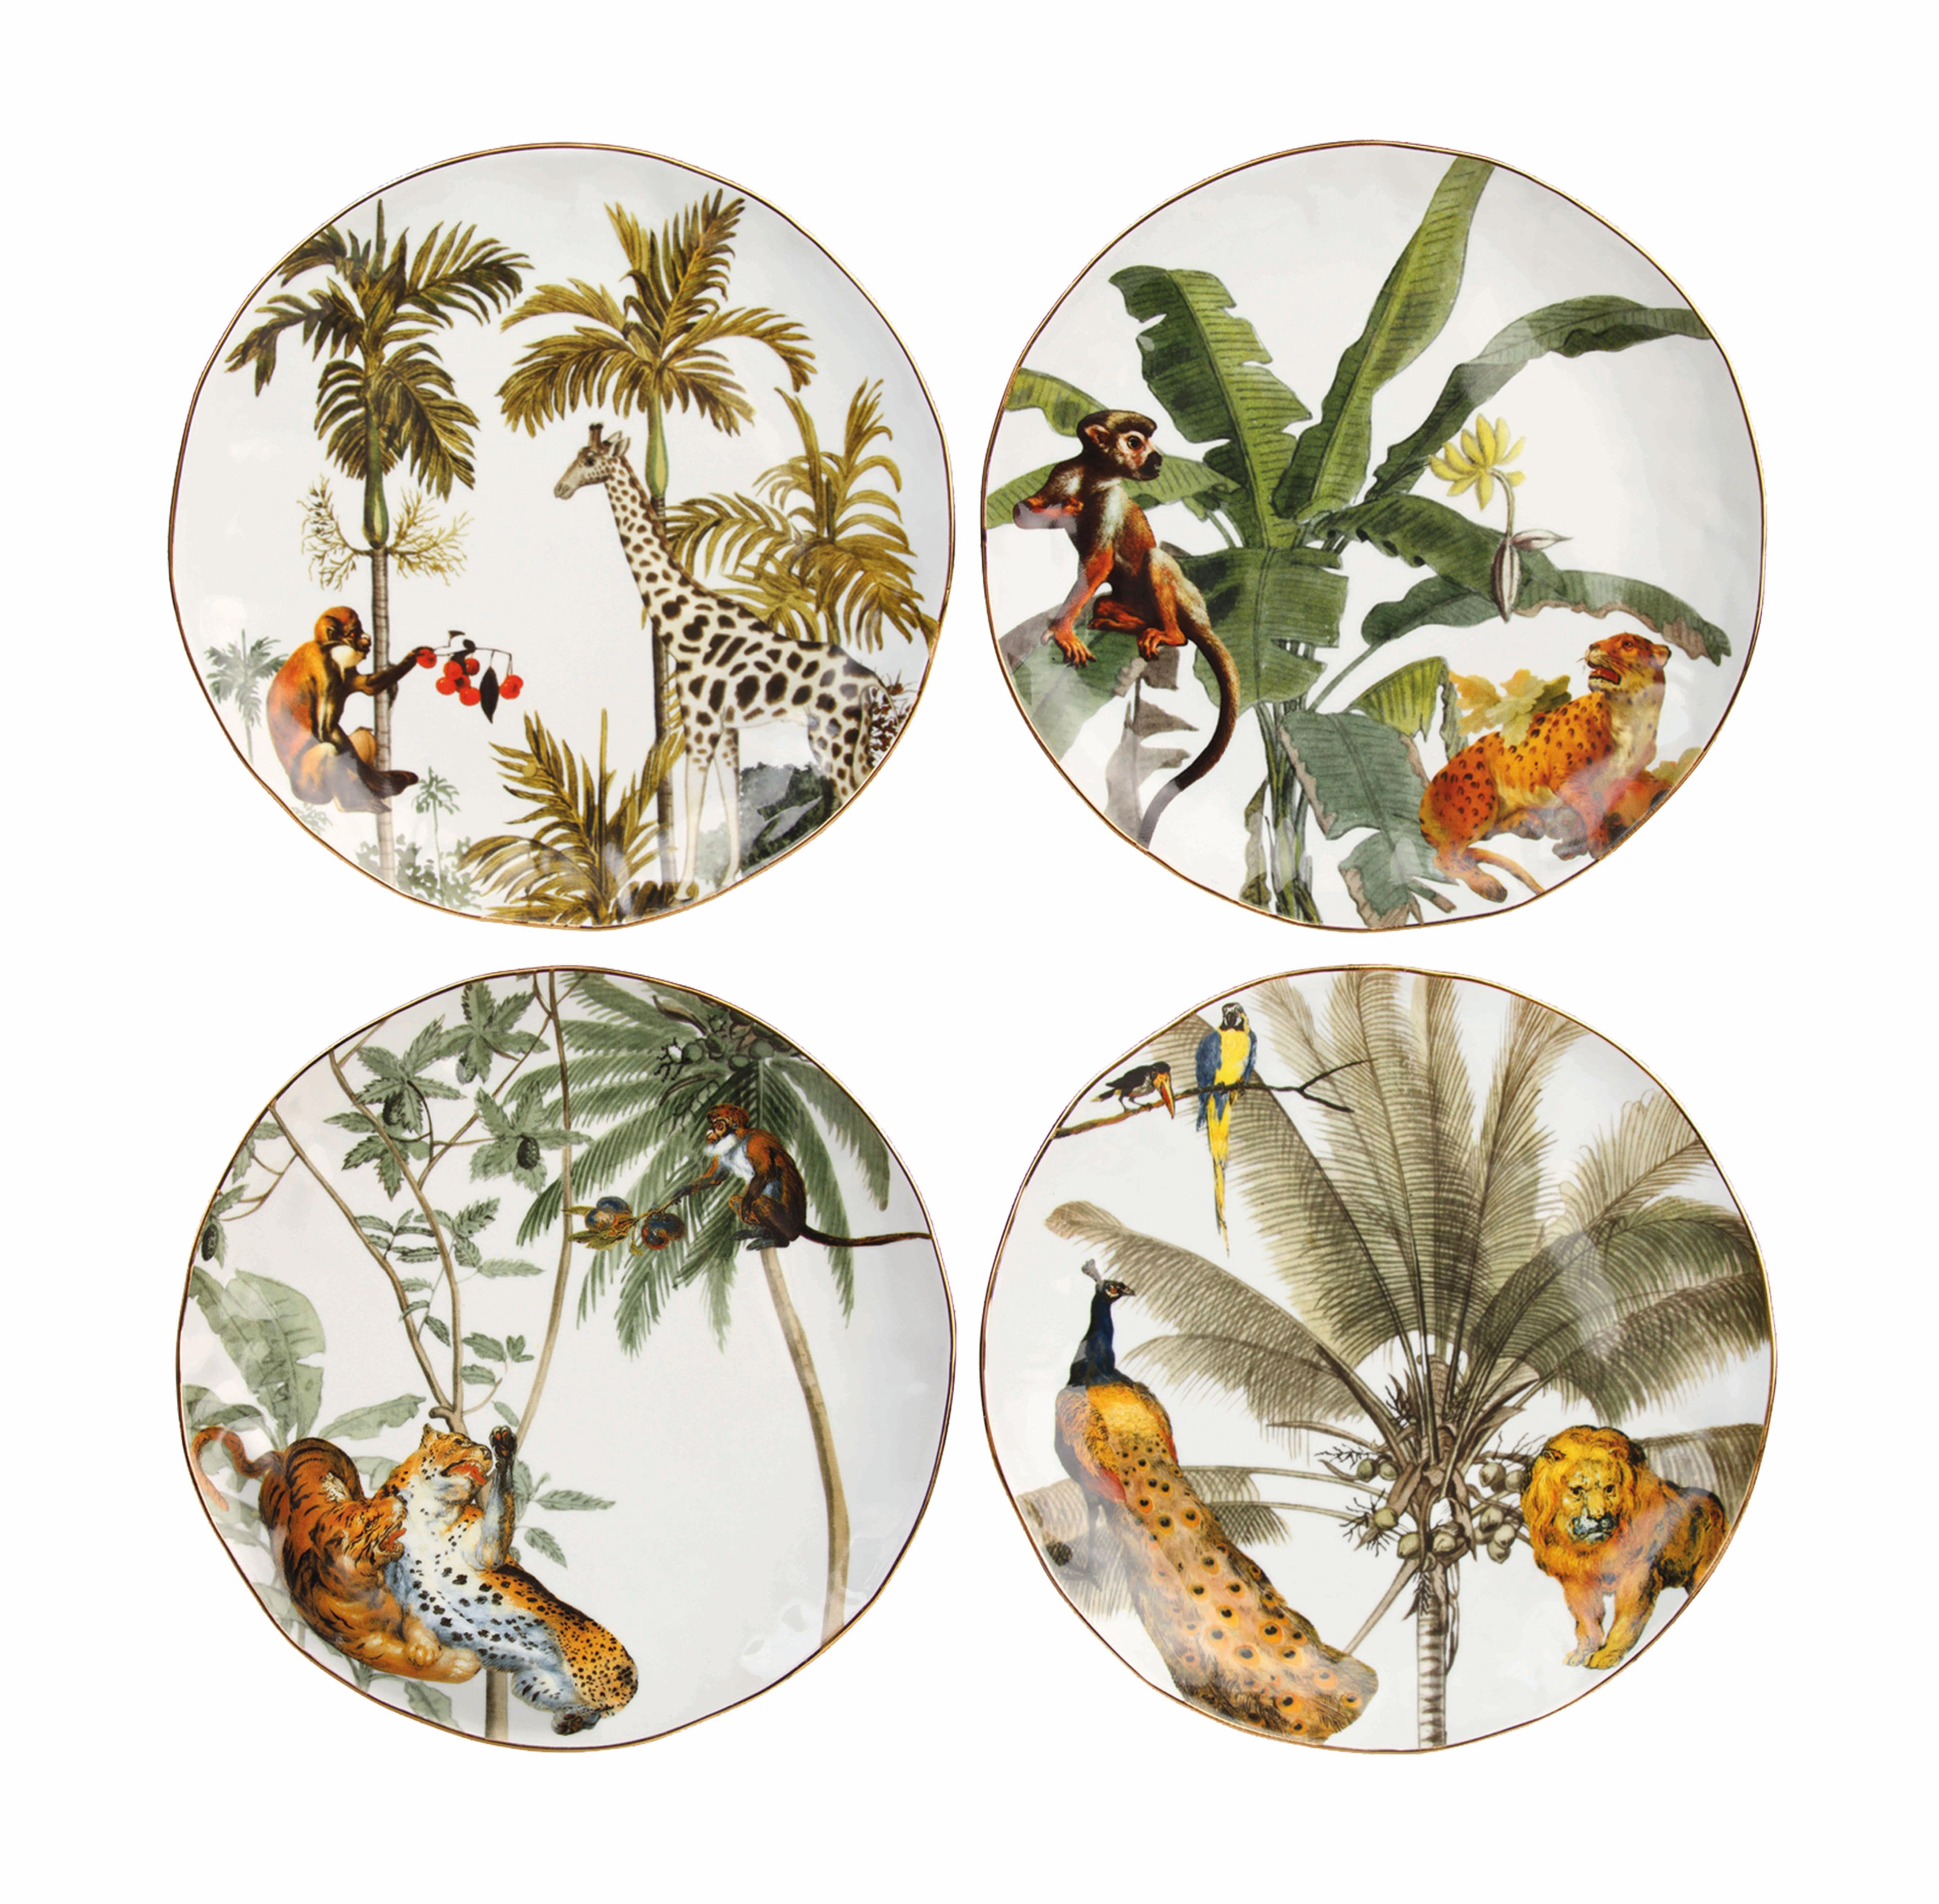 Arts de la table - Assiettes - Assiette Jungle / Set de 4 - Porcelaine - & klevering - Jungle / Multicolore - Porcelaine fine